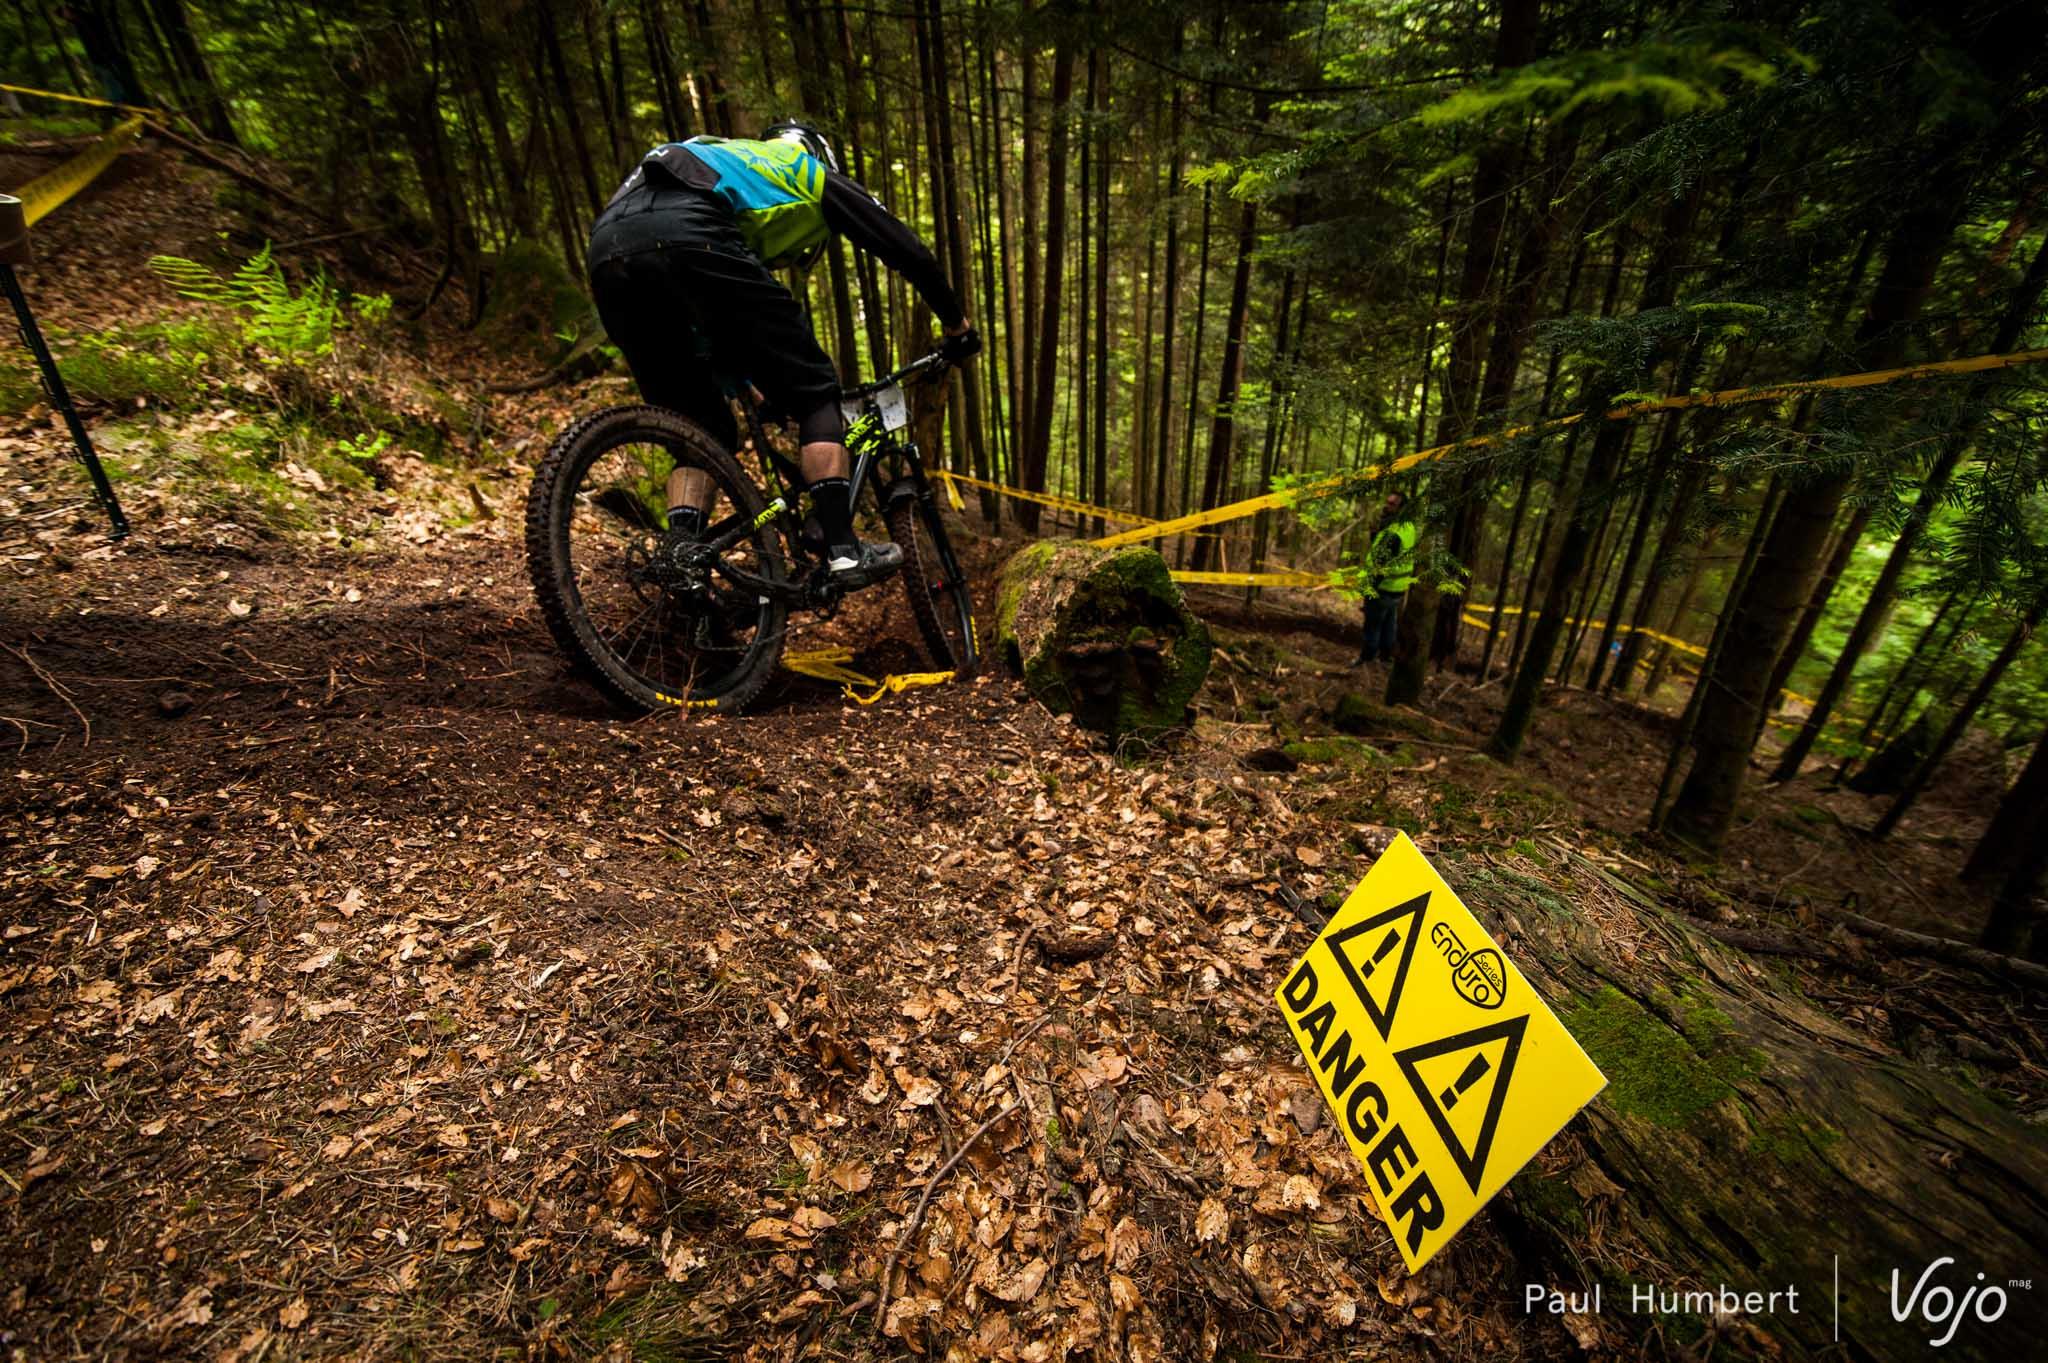 Raon-l-etape-vojo-2016-paul-humbert-42